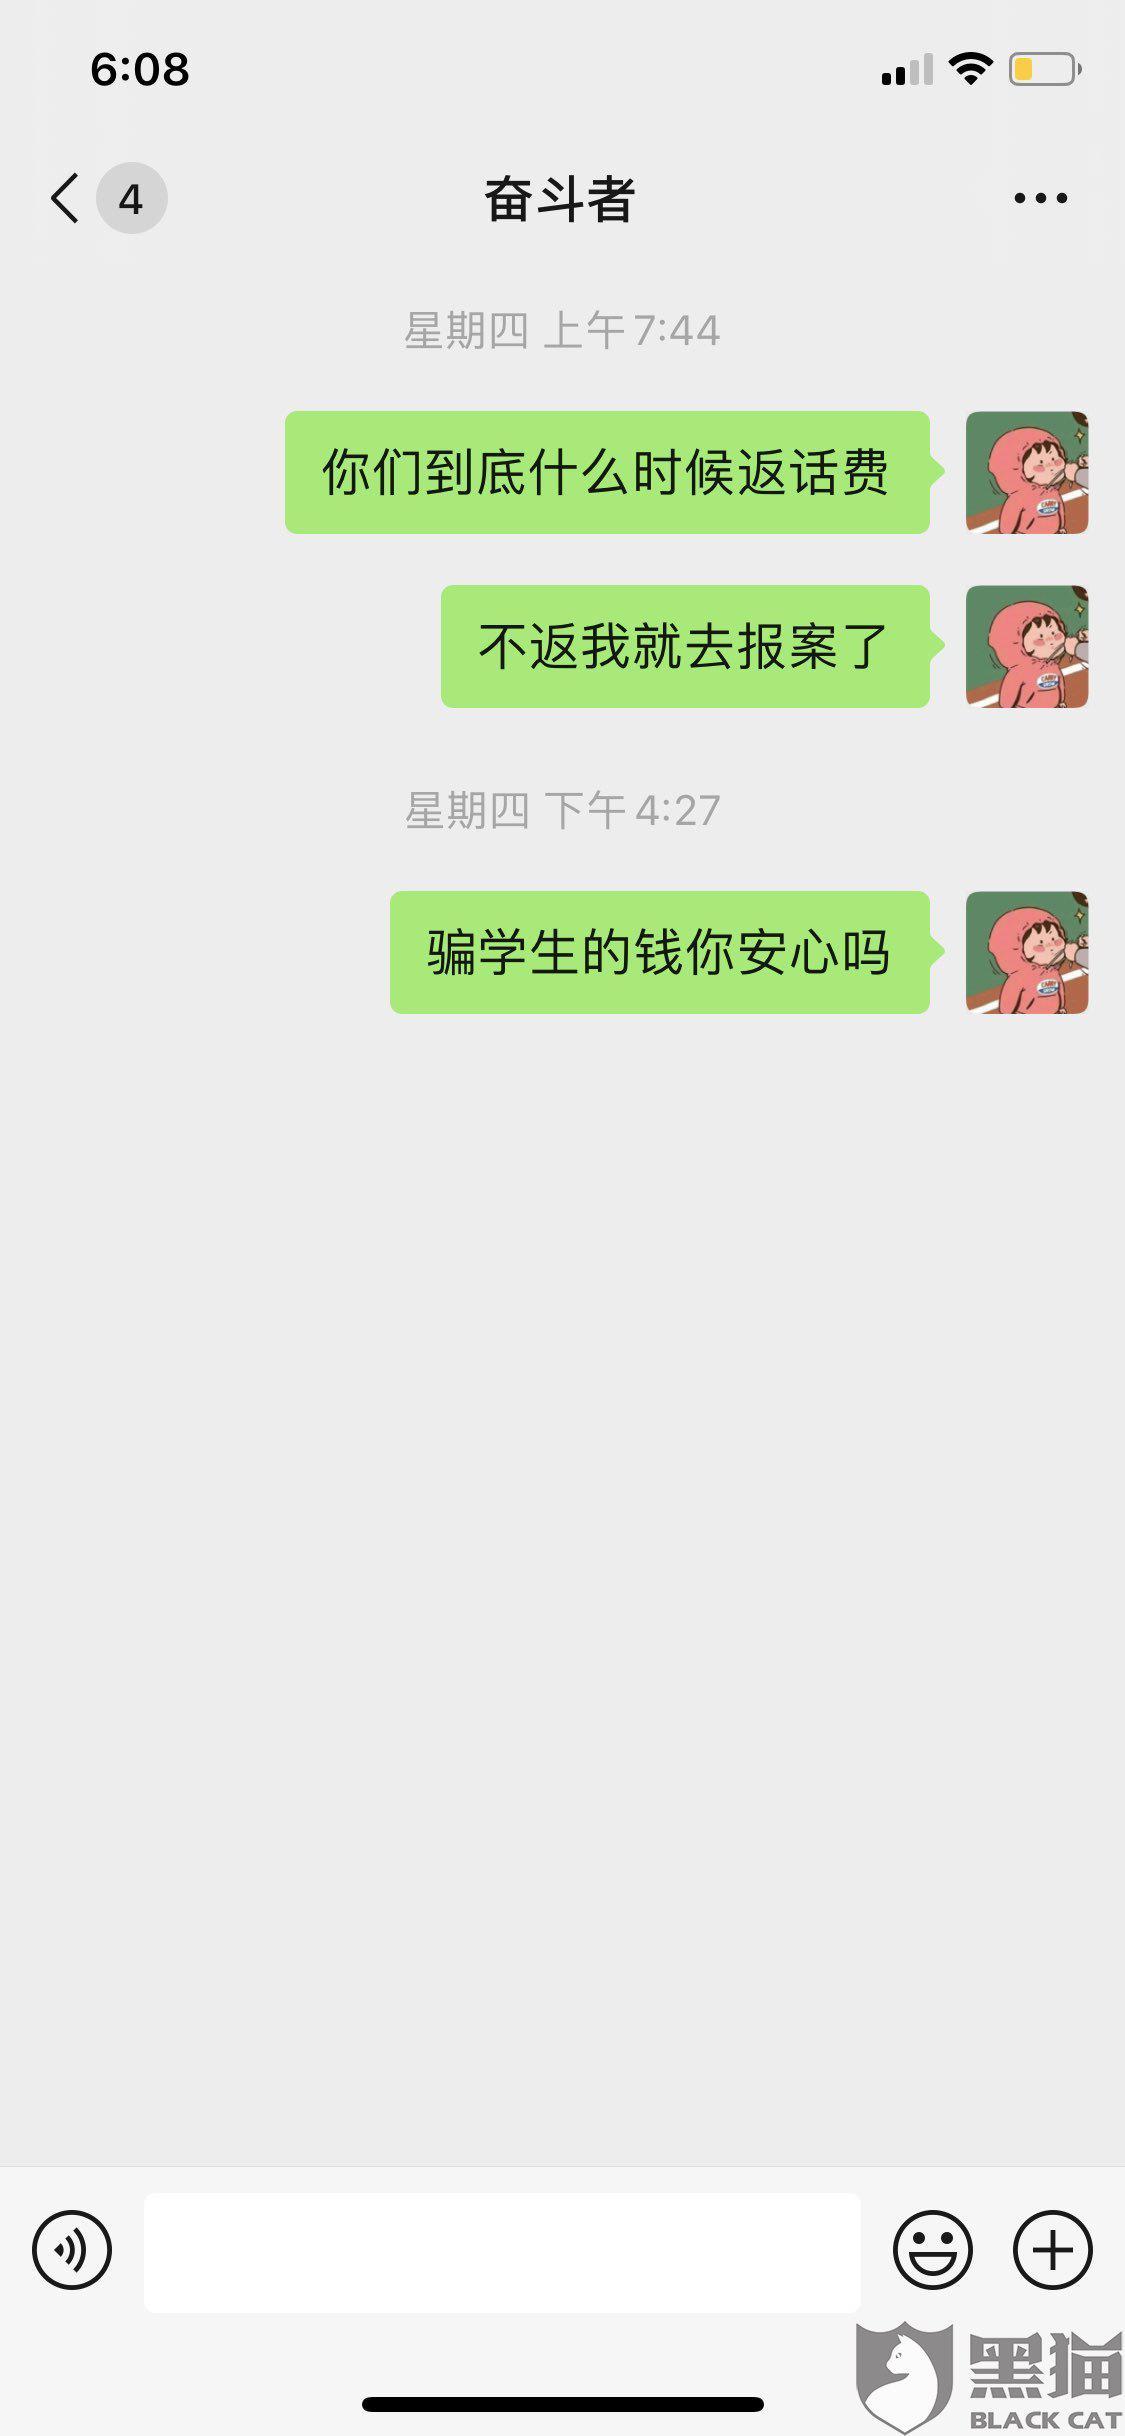 黑猫投诉:广州龙洞华为手机门店骗局